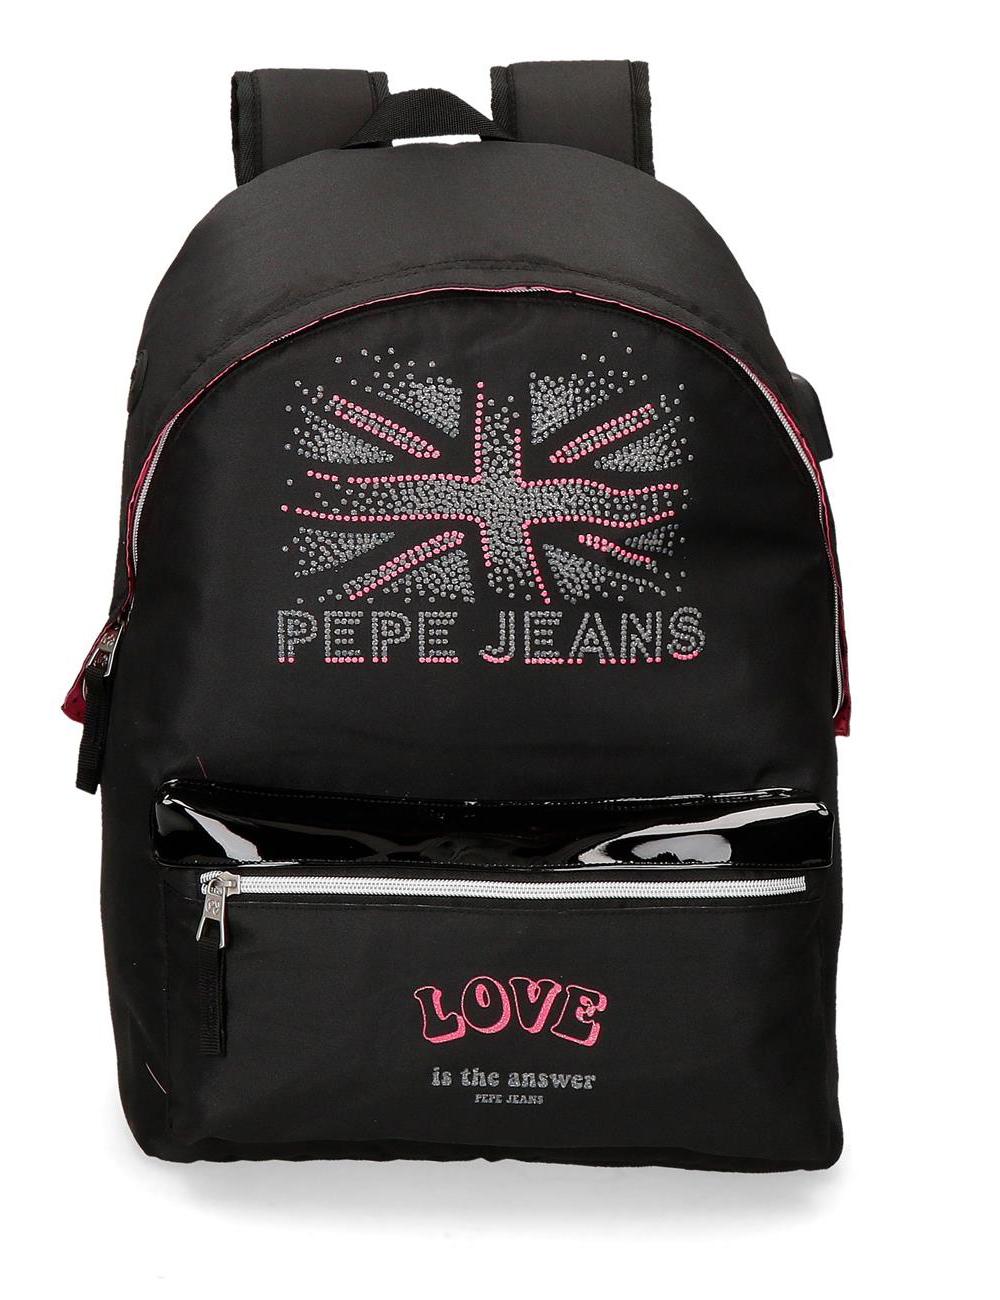 6252321 Mochila Porta tablet 42 cm Pepe Jeans Ada